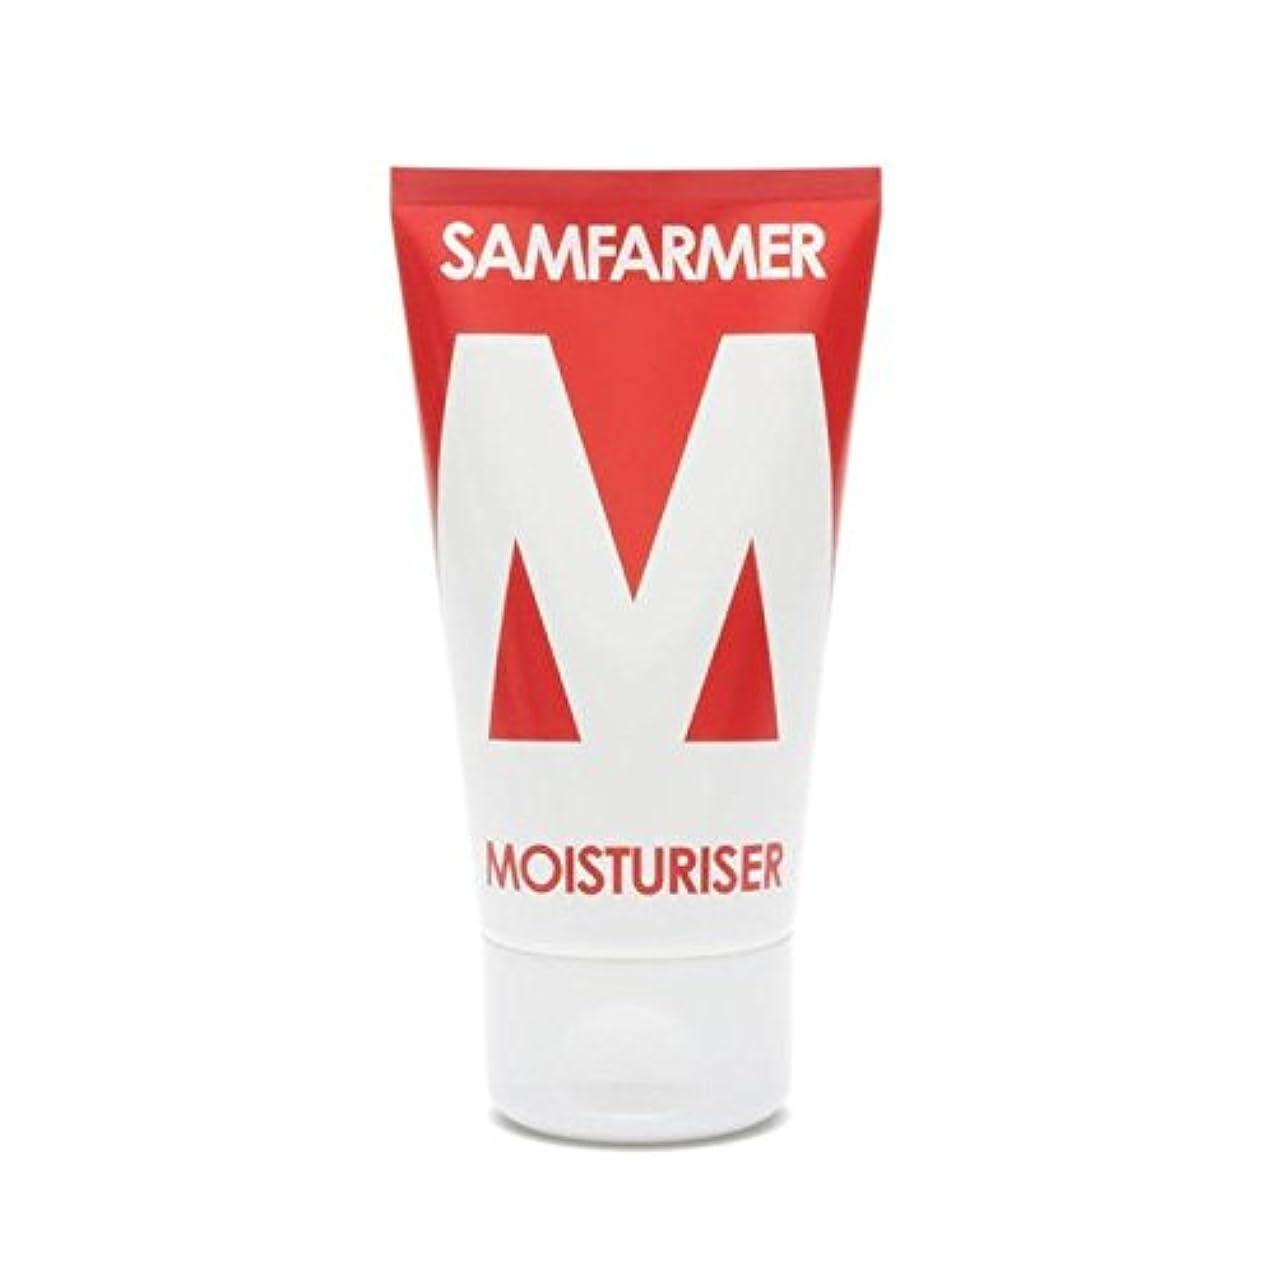 容赦ない栄光の見出しユニセックス保湿50ミリリットル x2 - SAMFARMER Unisex Moisturiser 50ml (Pack of 2) [並行輸入品]